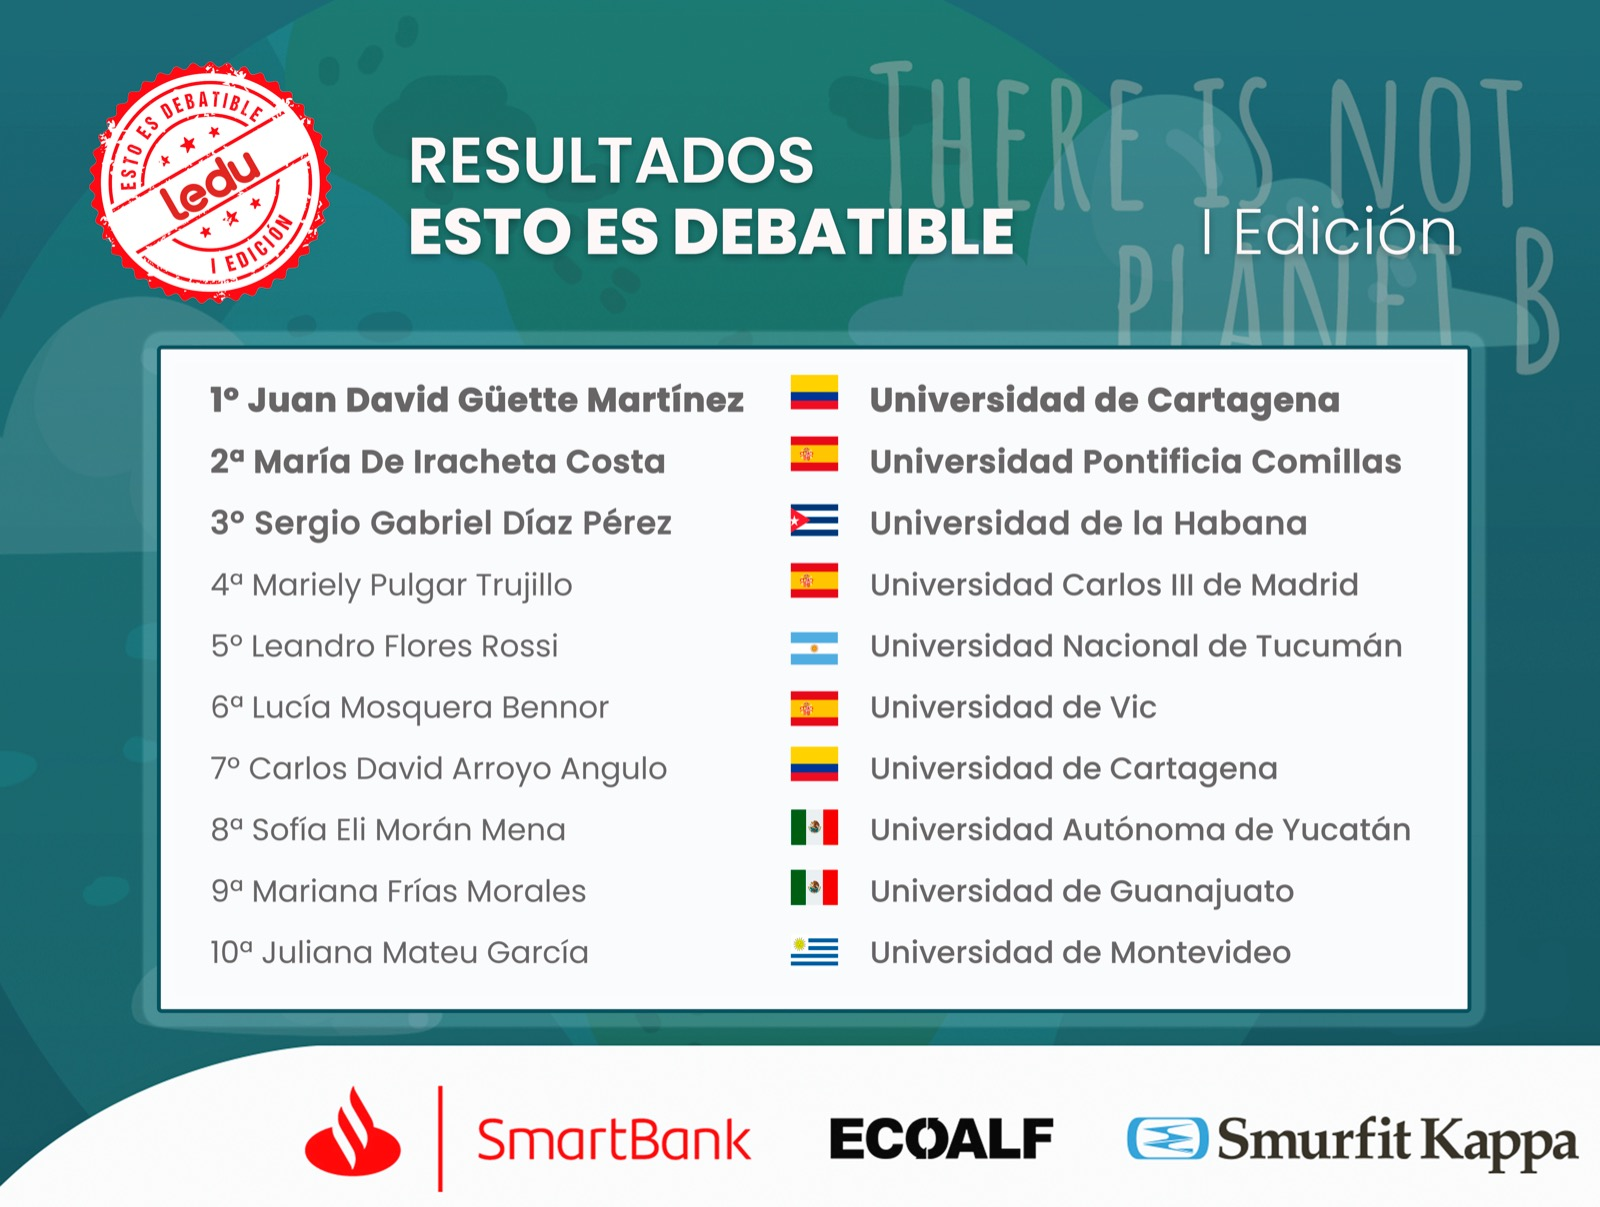 Juan David Güette Martínez gana 'Esto es debatible' de la LEDU